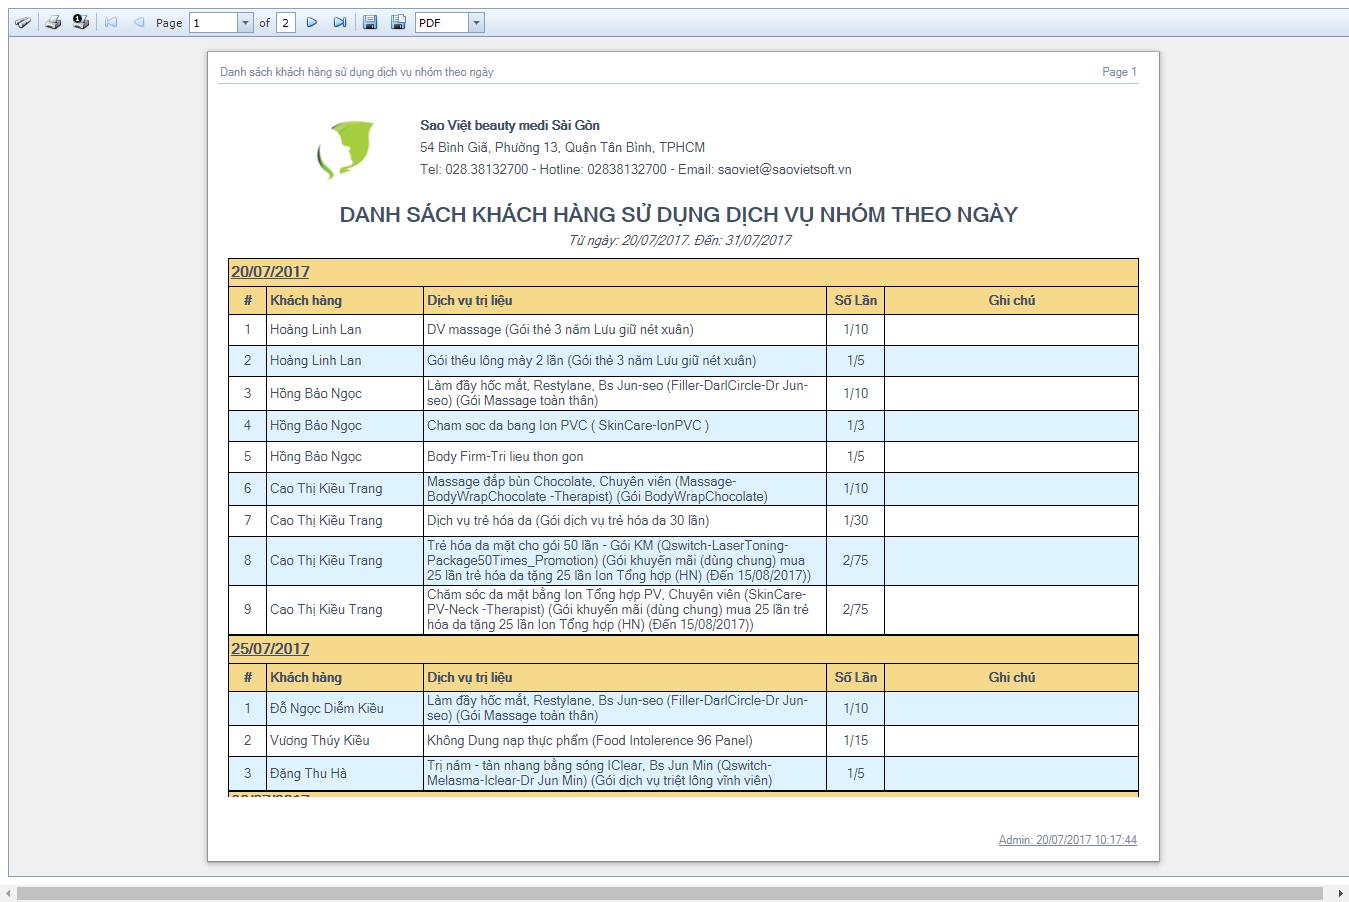 DSKH sử dụng dịch vụ nhóm theo ngày